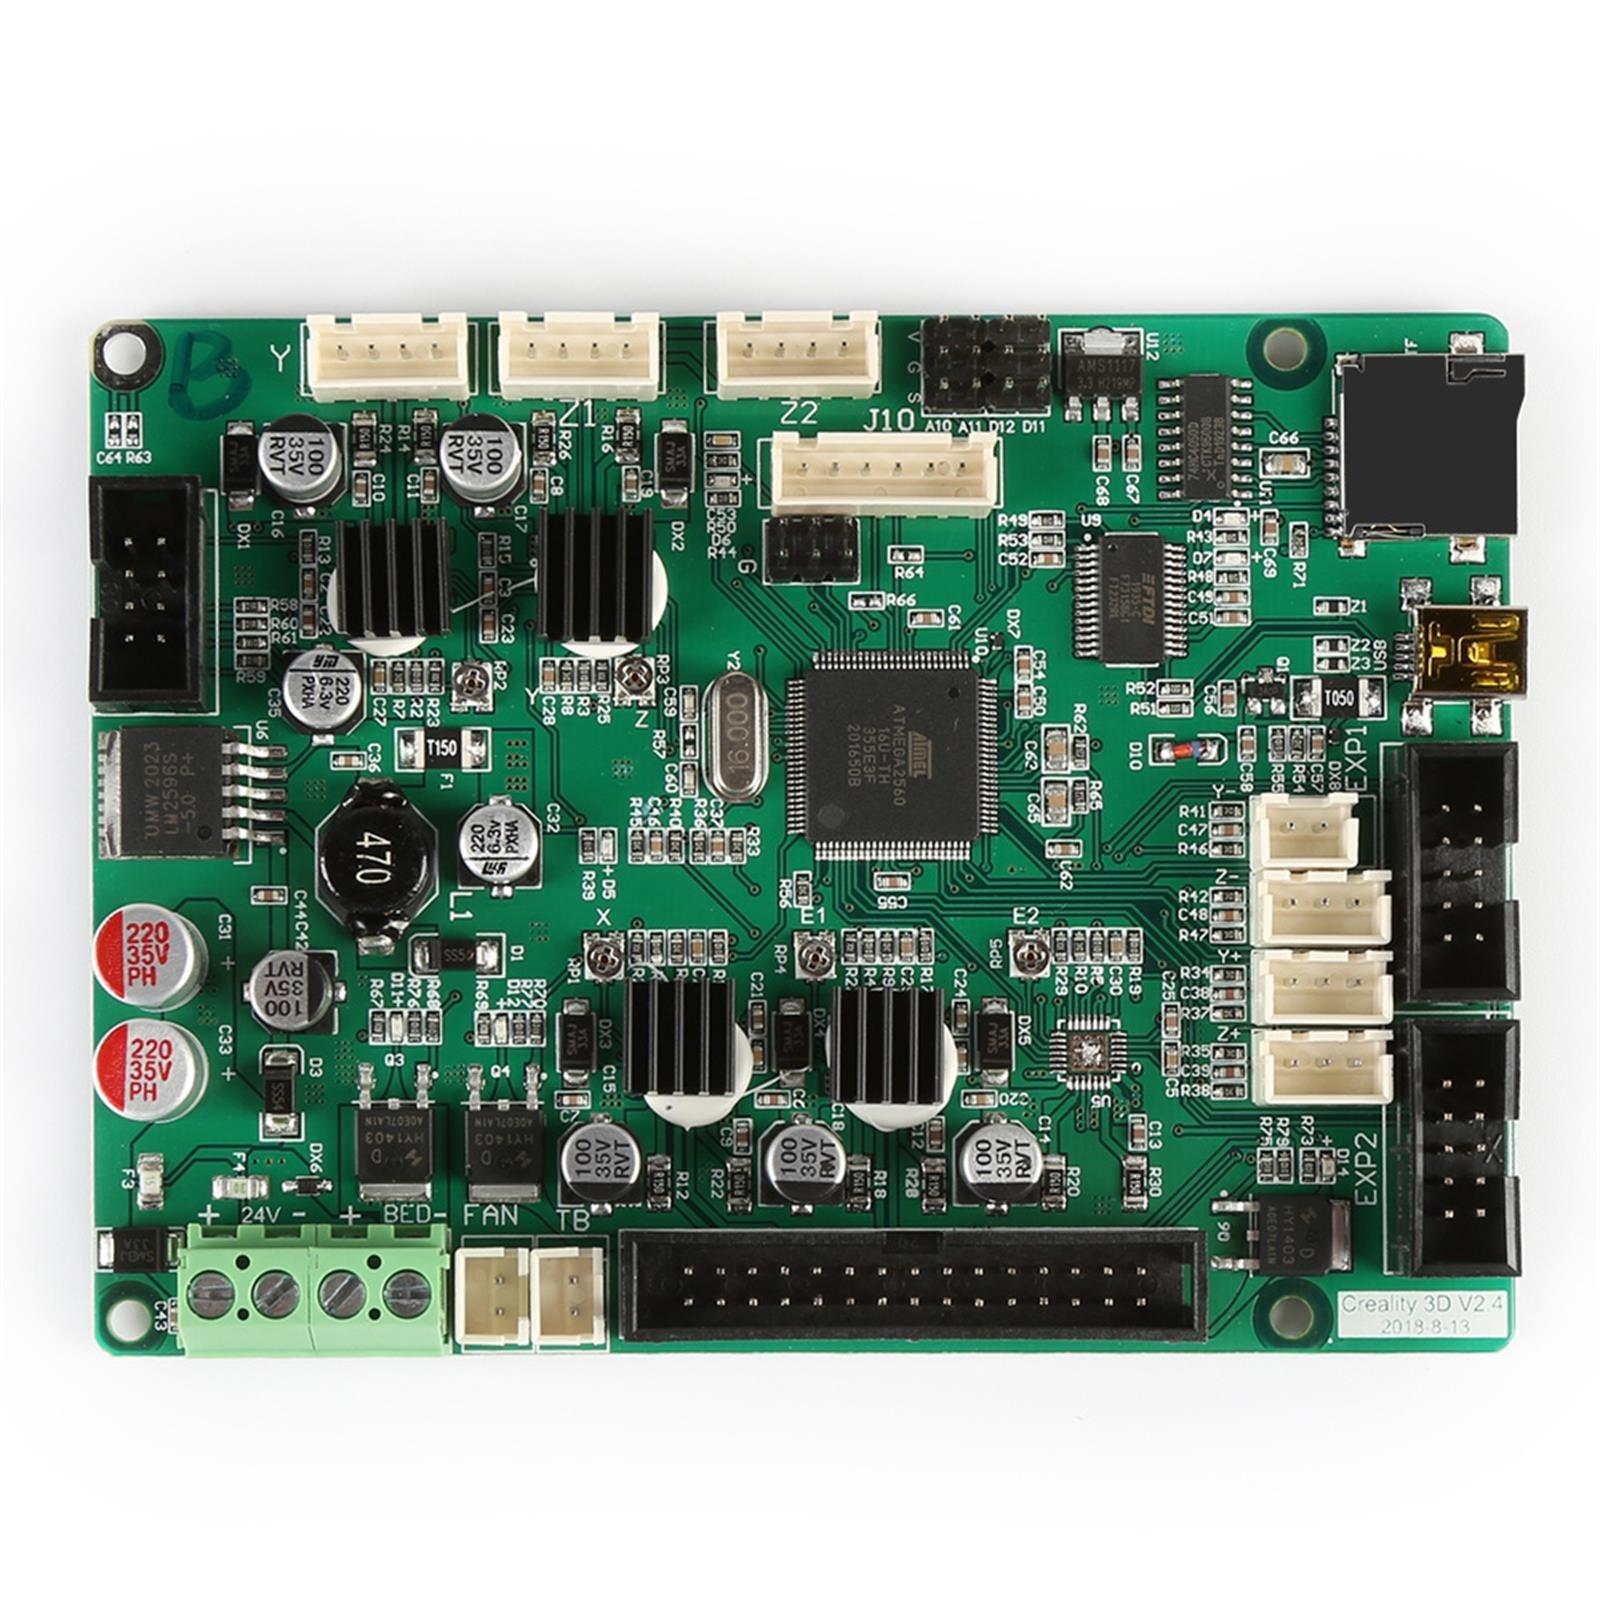 CR ترقية اللوحة الرئيسية V2.4.1 اللوحة الأم للطابعة CR-10S برو ثلاثية الأبعاد